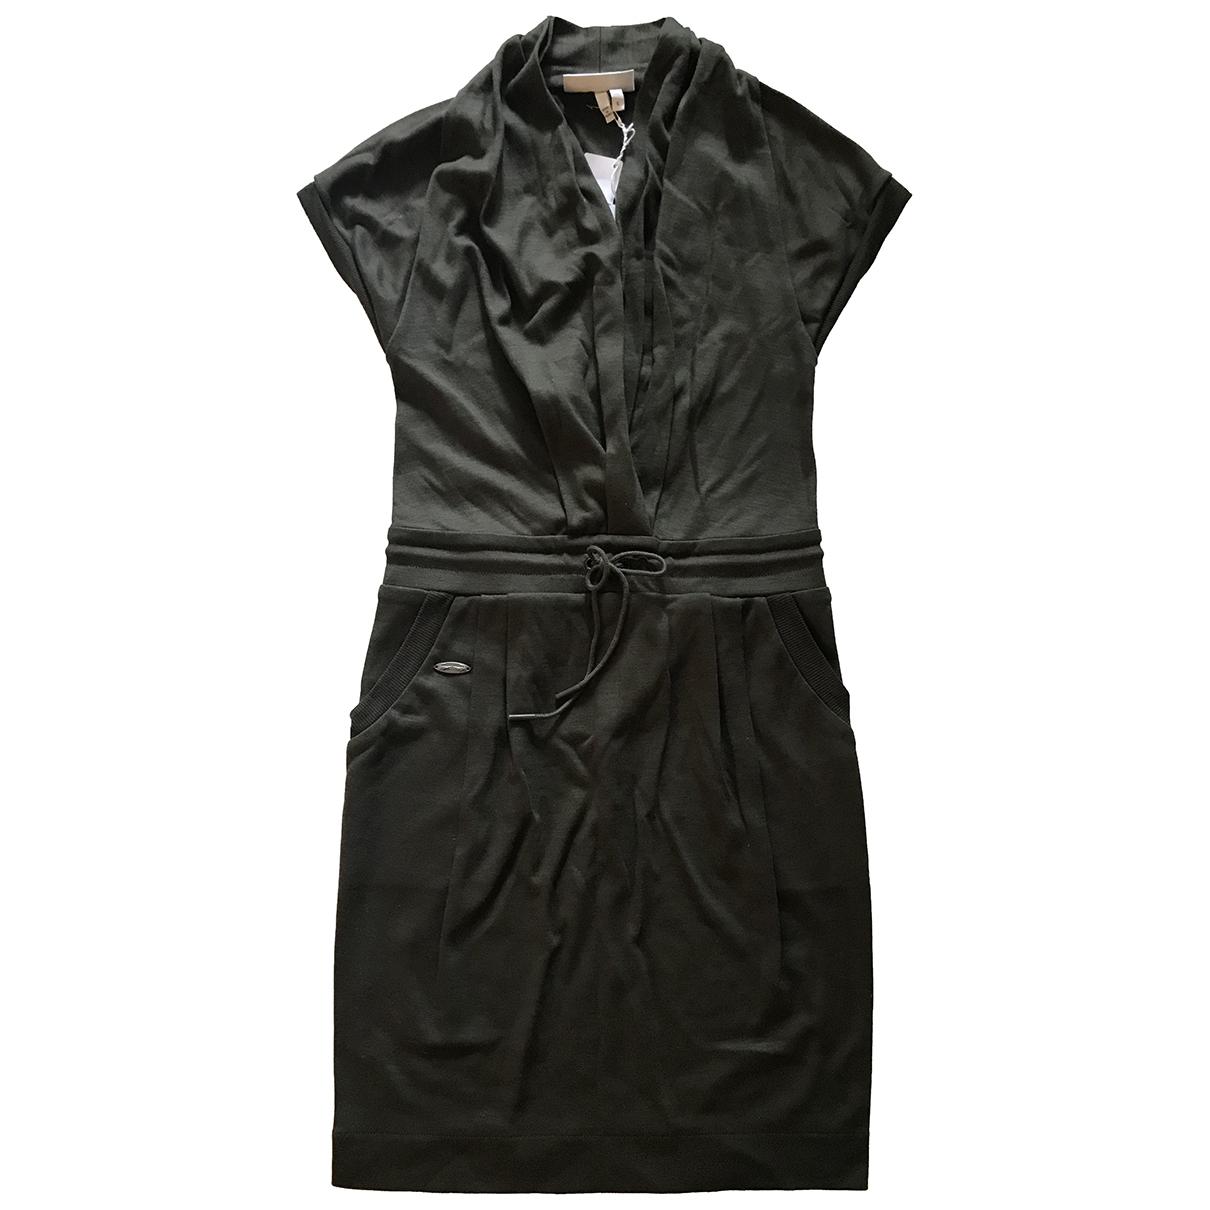 Lacoste \N Kleid in  Khaki Wolle